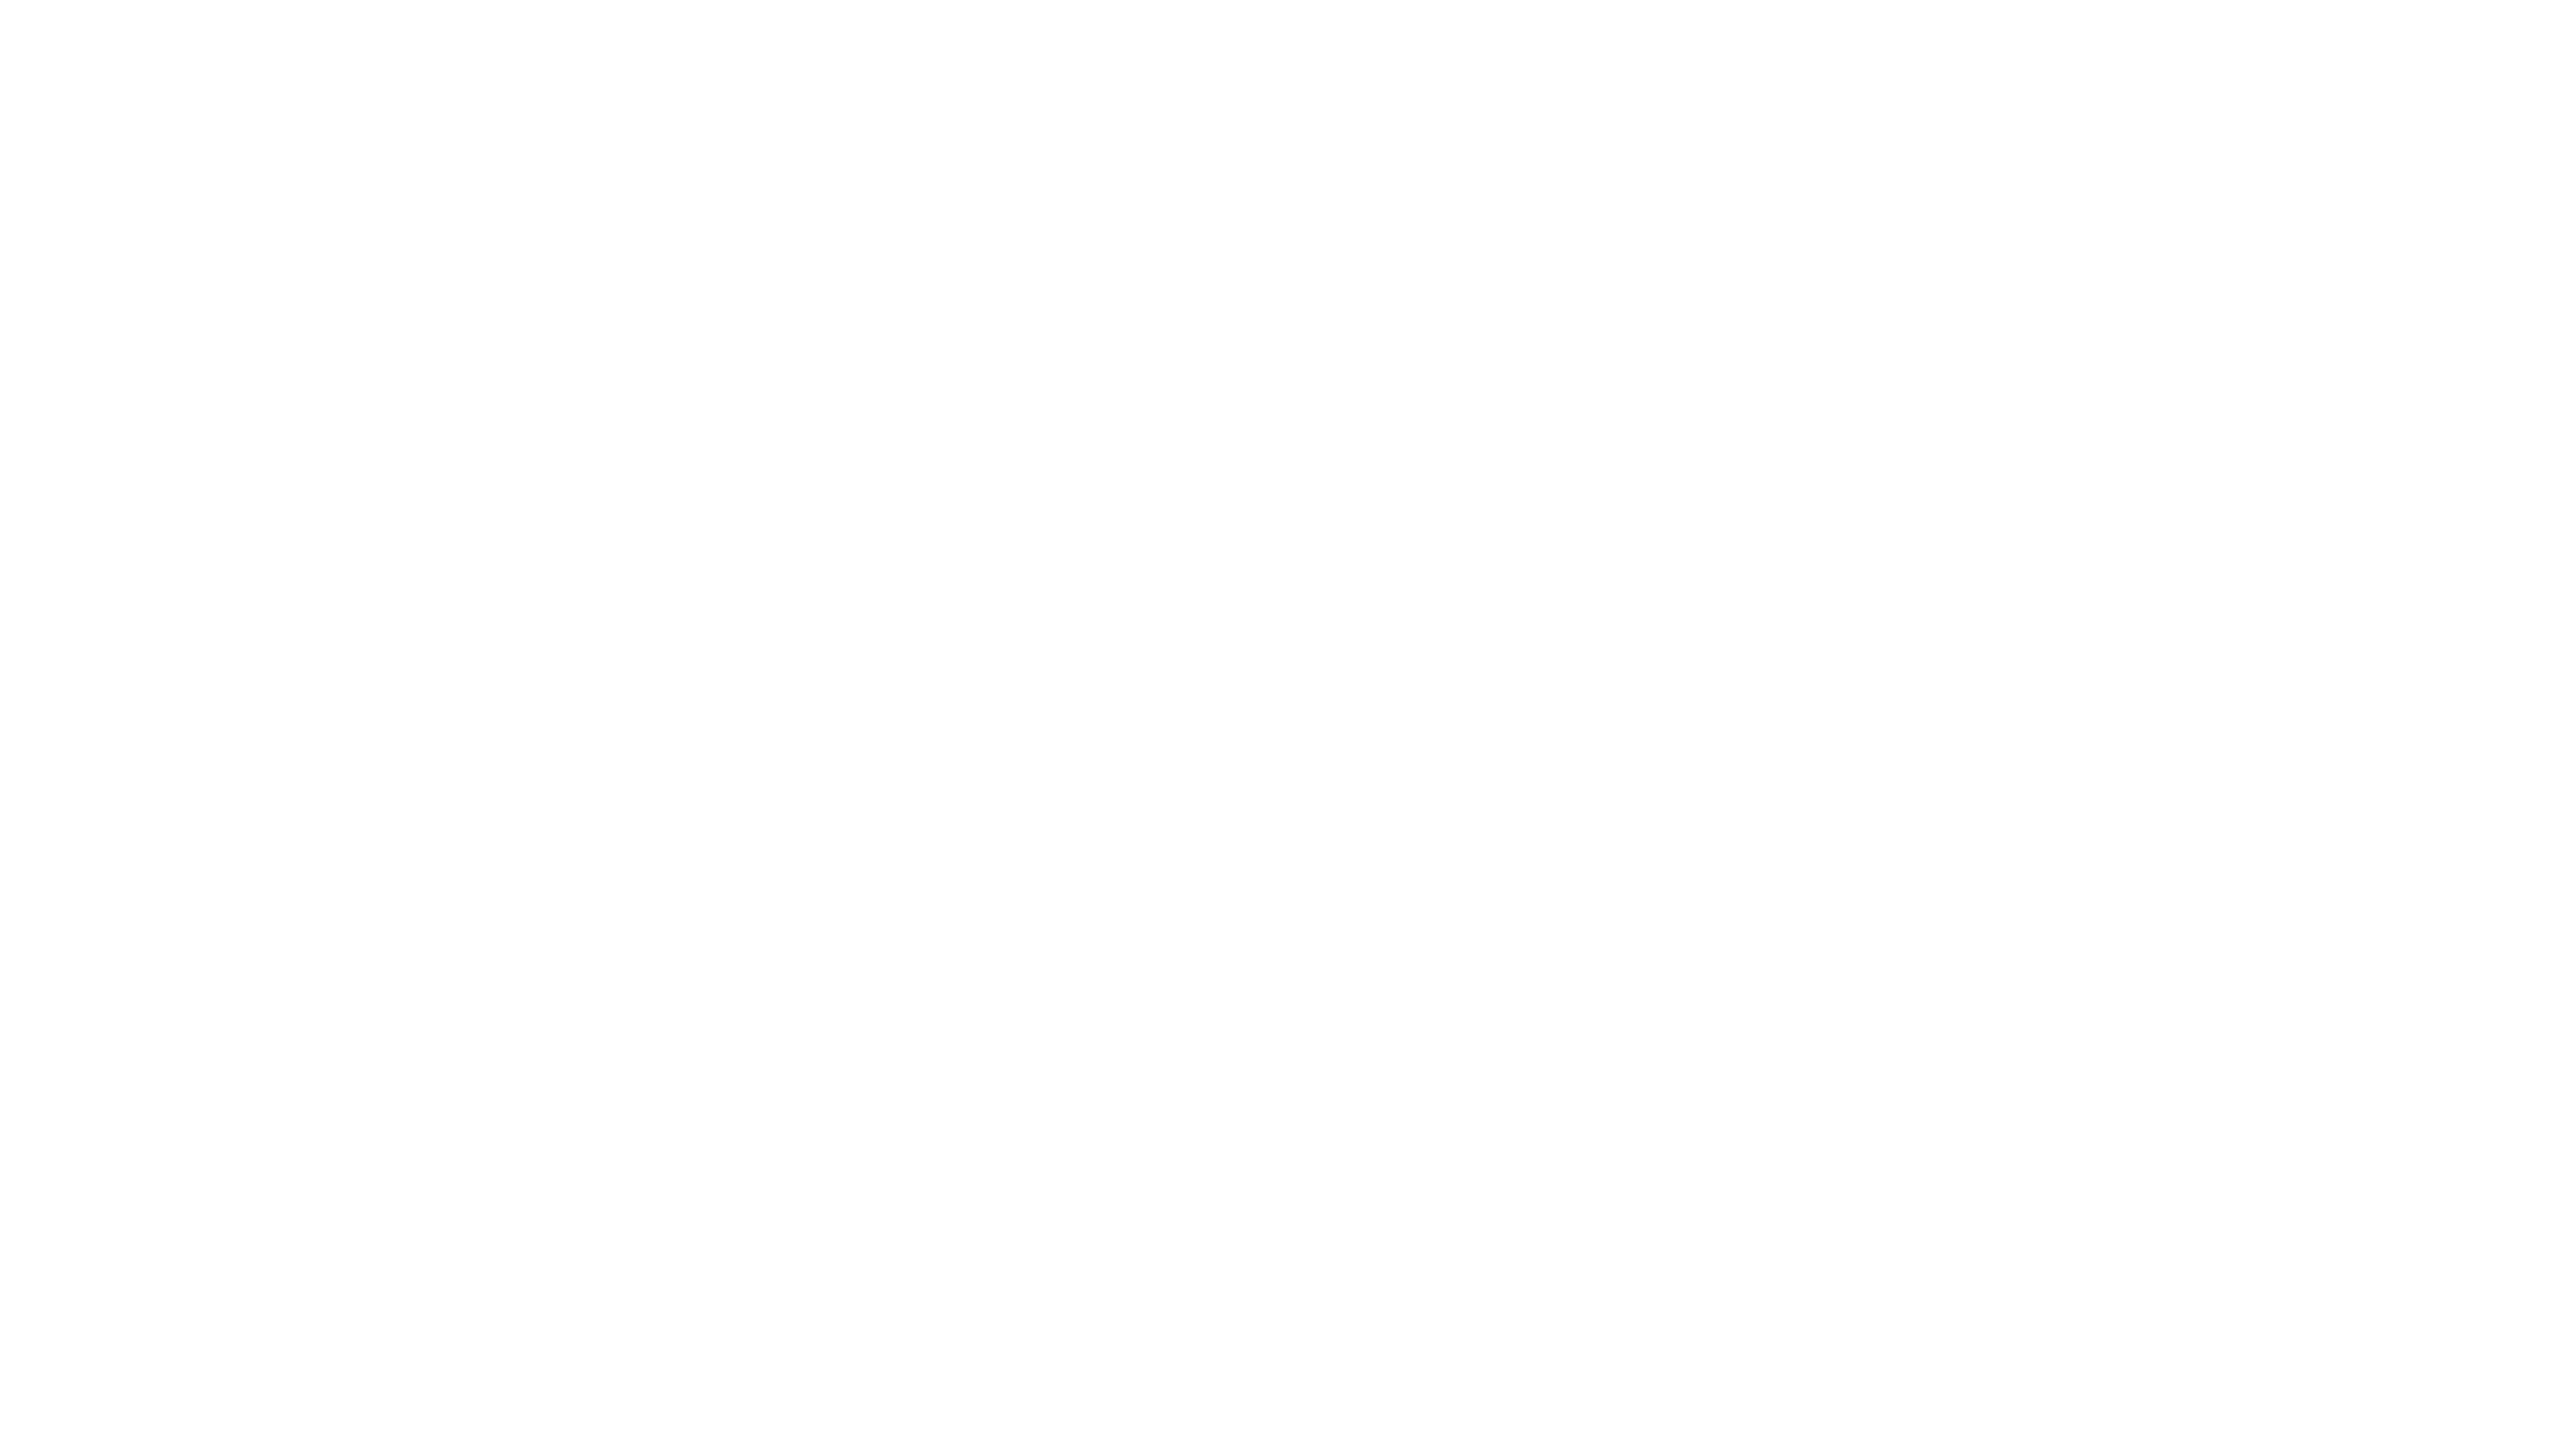 Kariérne poradenstvo